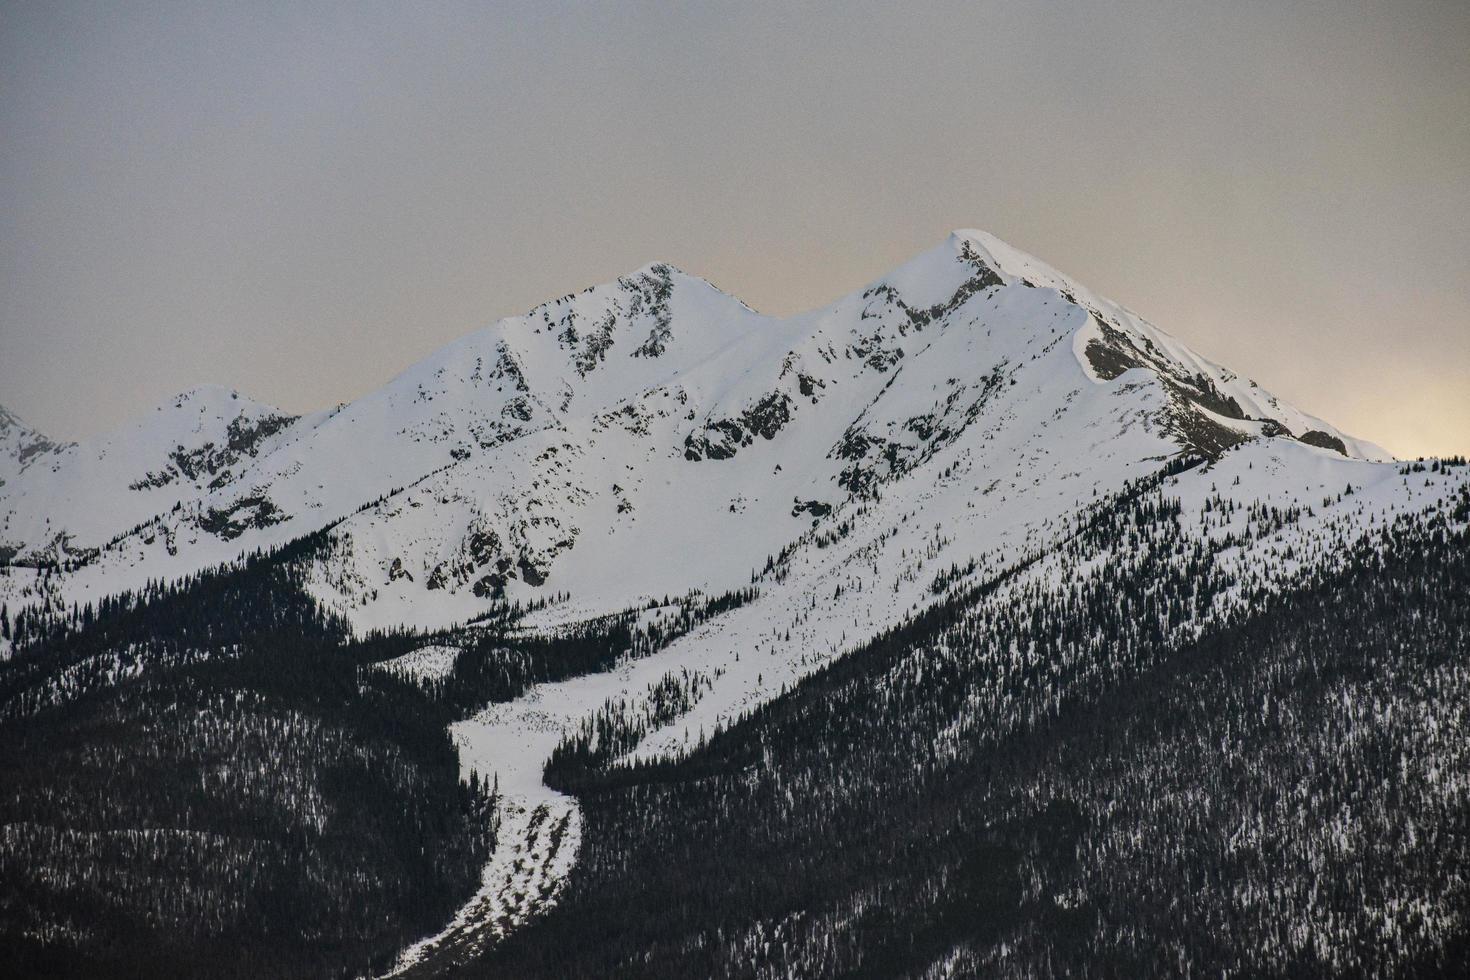 montagne couverte de neige photo